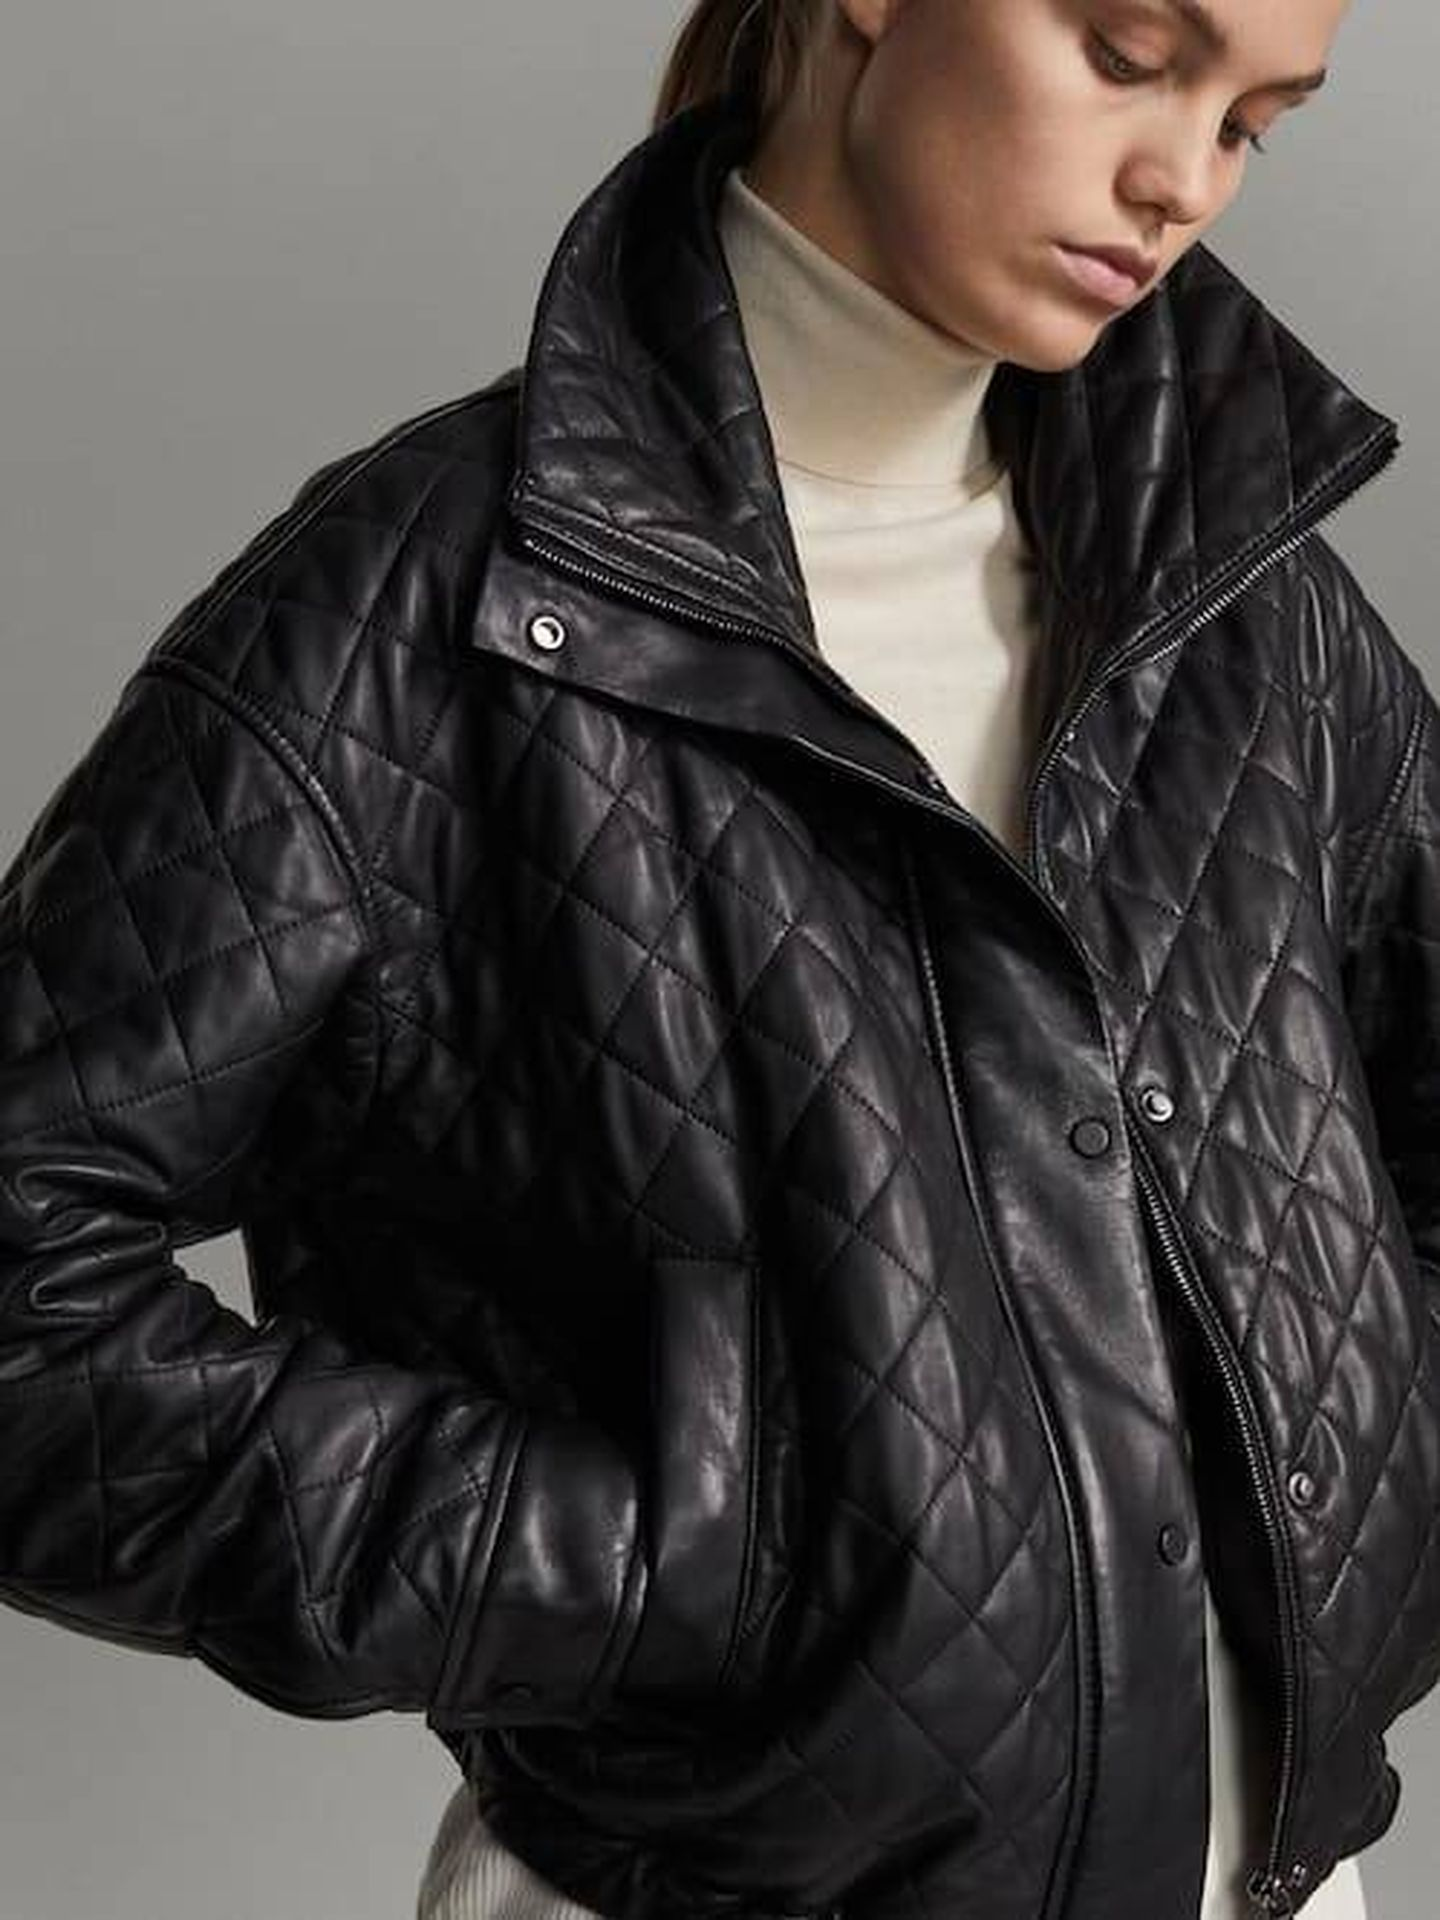 La chaqueta de Massimo Dutti. (Cortesía)